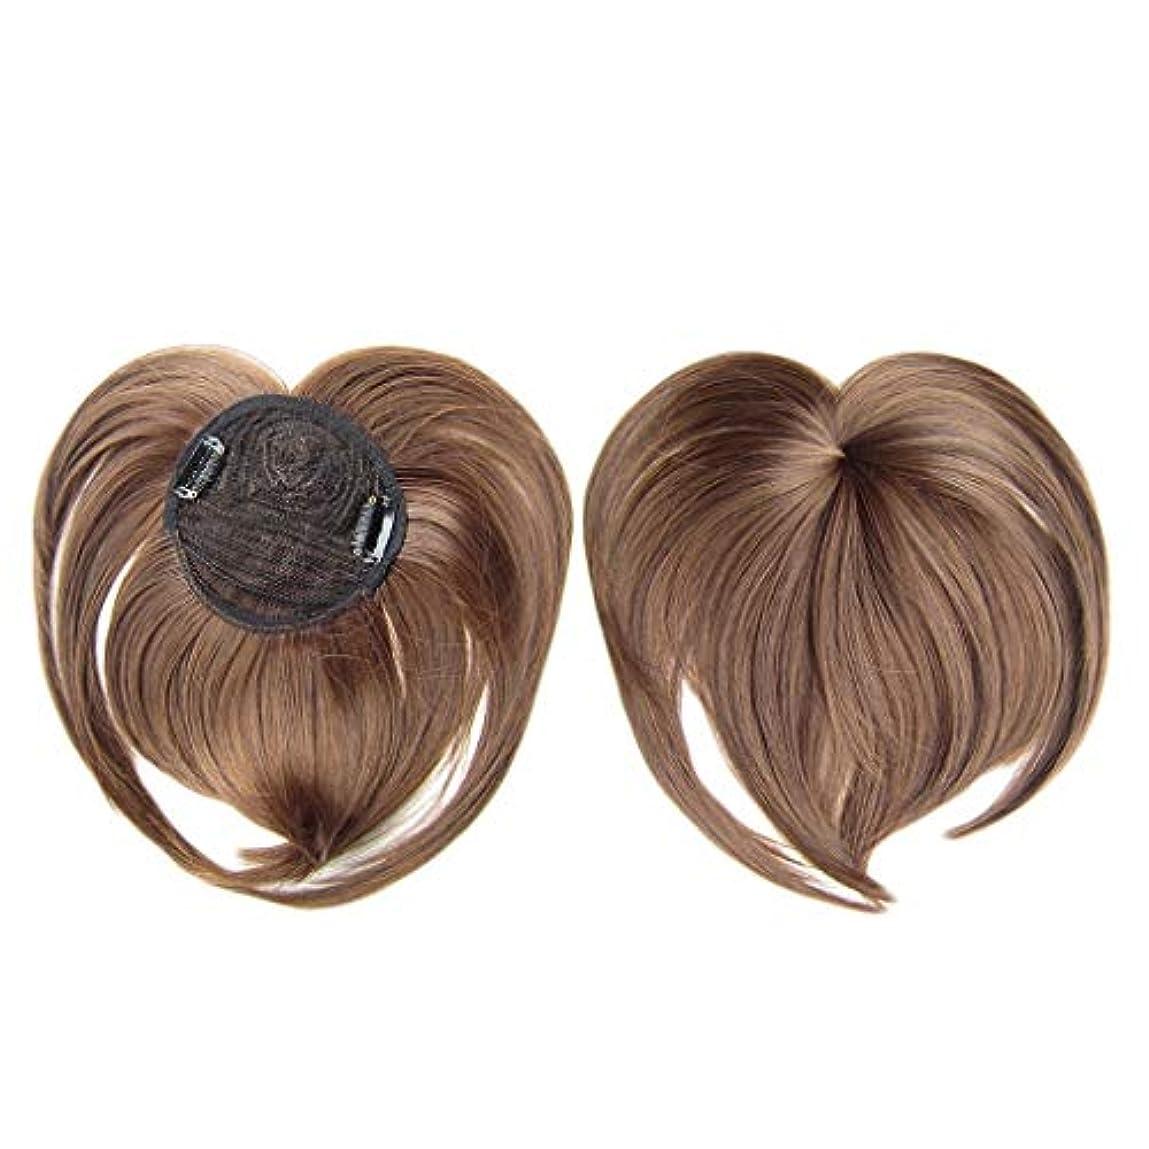 ぬいぐるみブラウザクレーターJun® 女性の絹のようなクリップオンヘアトッパーウィッグ耐熱ファイバーウィッグファッションヘアウィッグ (G)